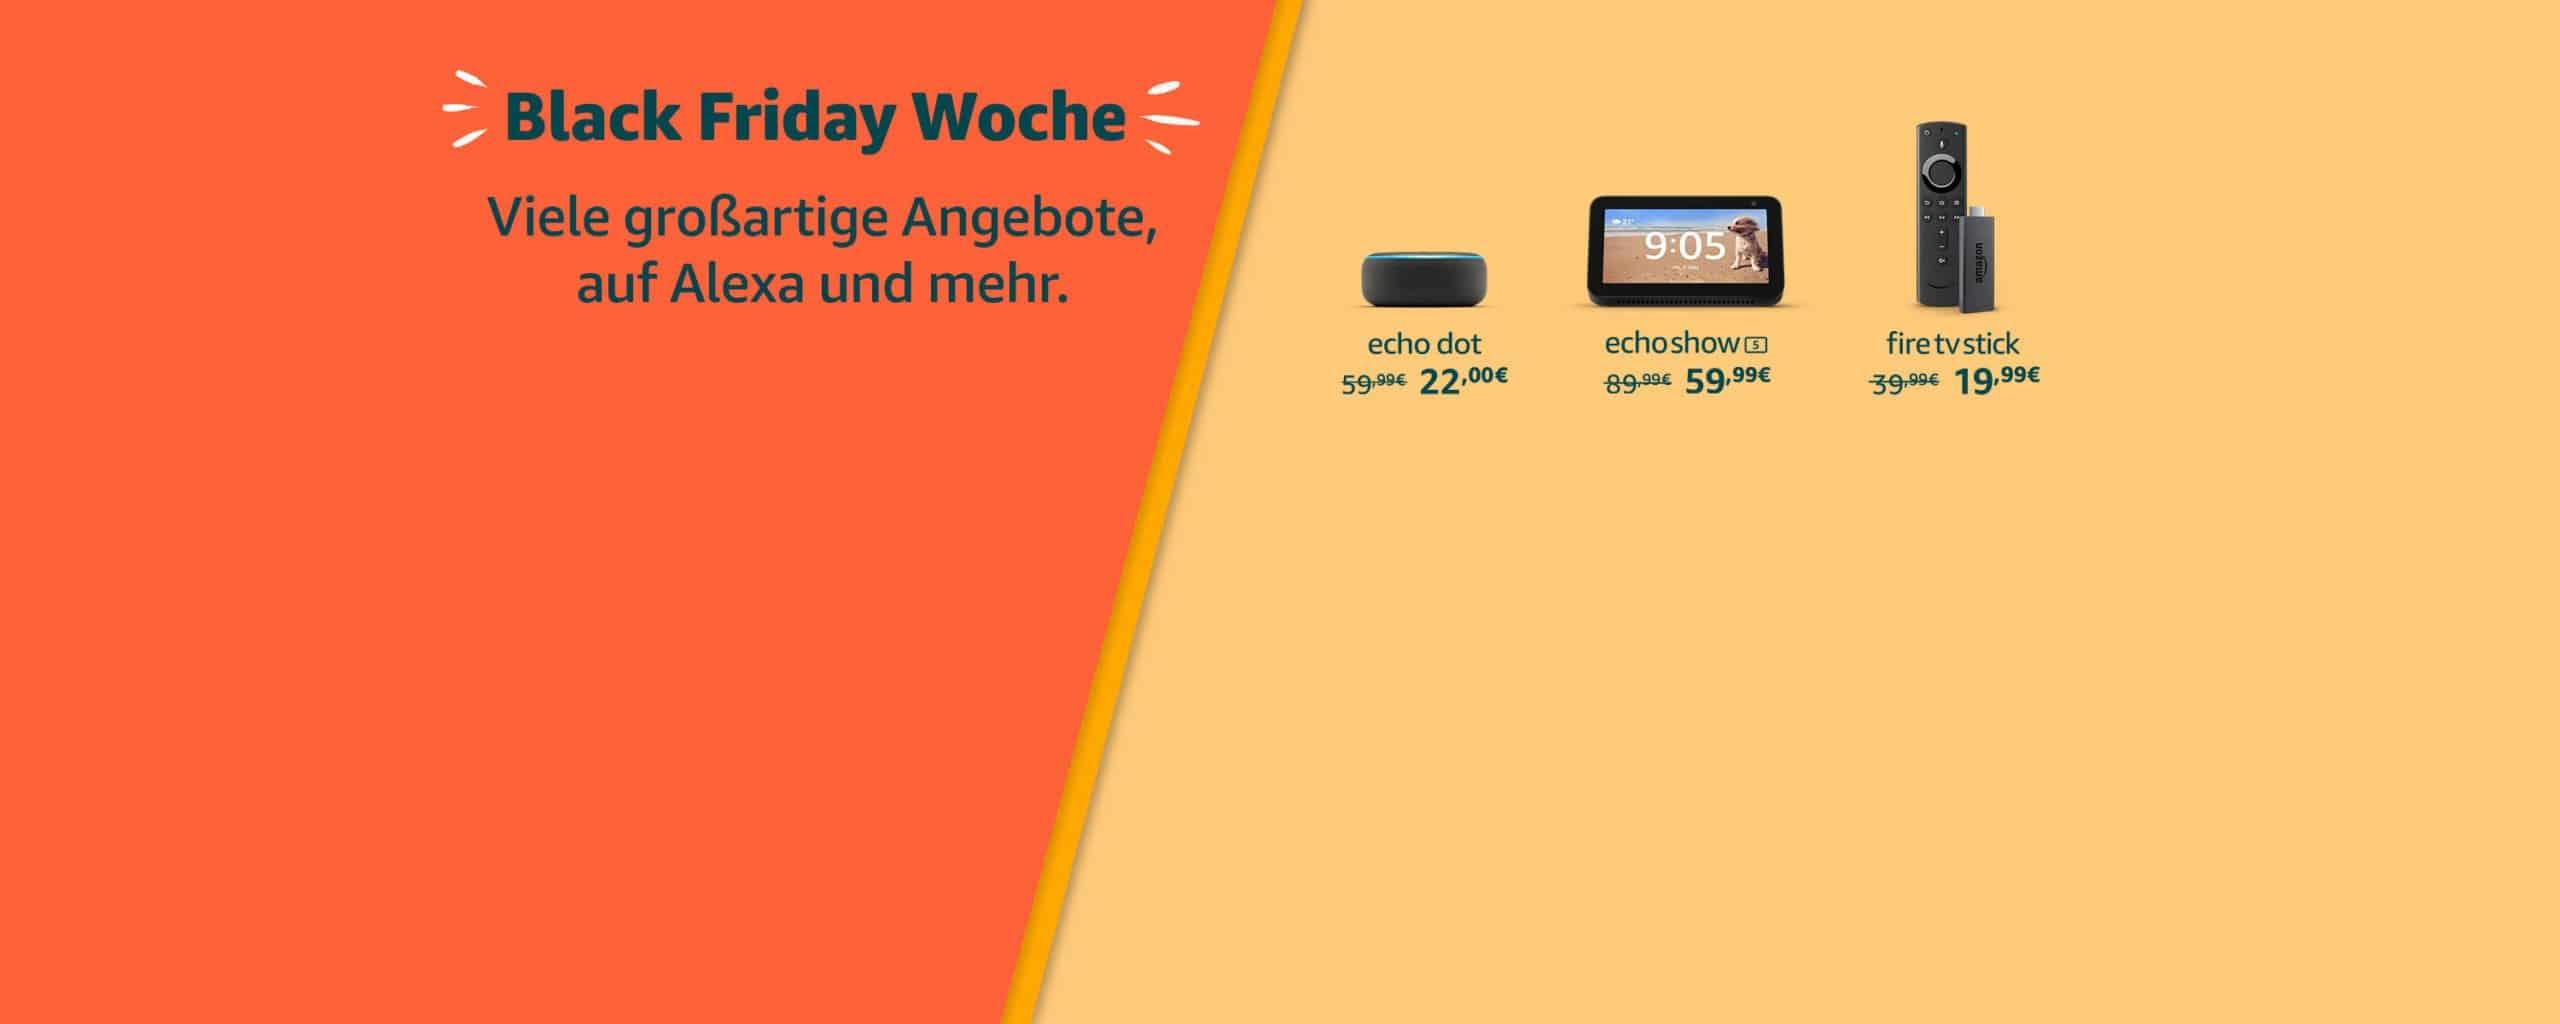 Amazon Black Friday Woche (5.Tag):  Smart Home, Netzwerk & Netzwerk 37 techboys.de • smarte News, auf den Punkt! Amazon Black Friday Woche (5.Tag):  Smart Home, Netzwerk & Netzwerk